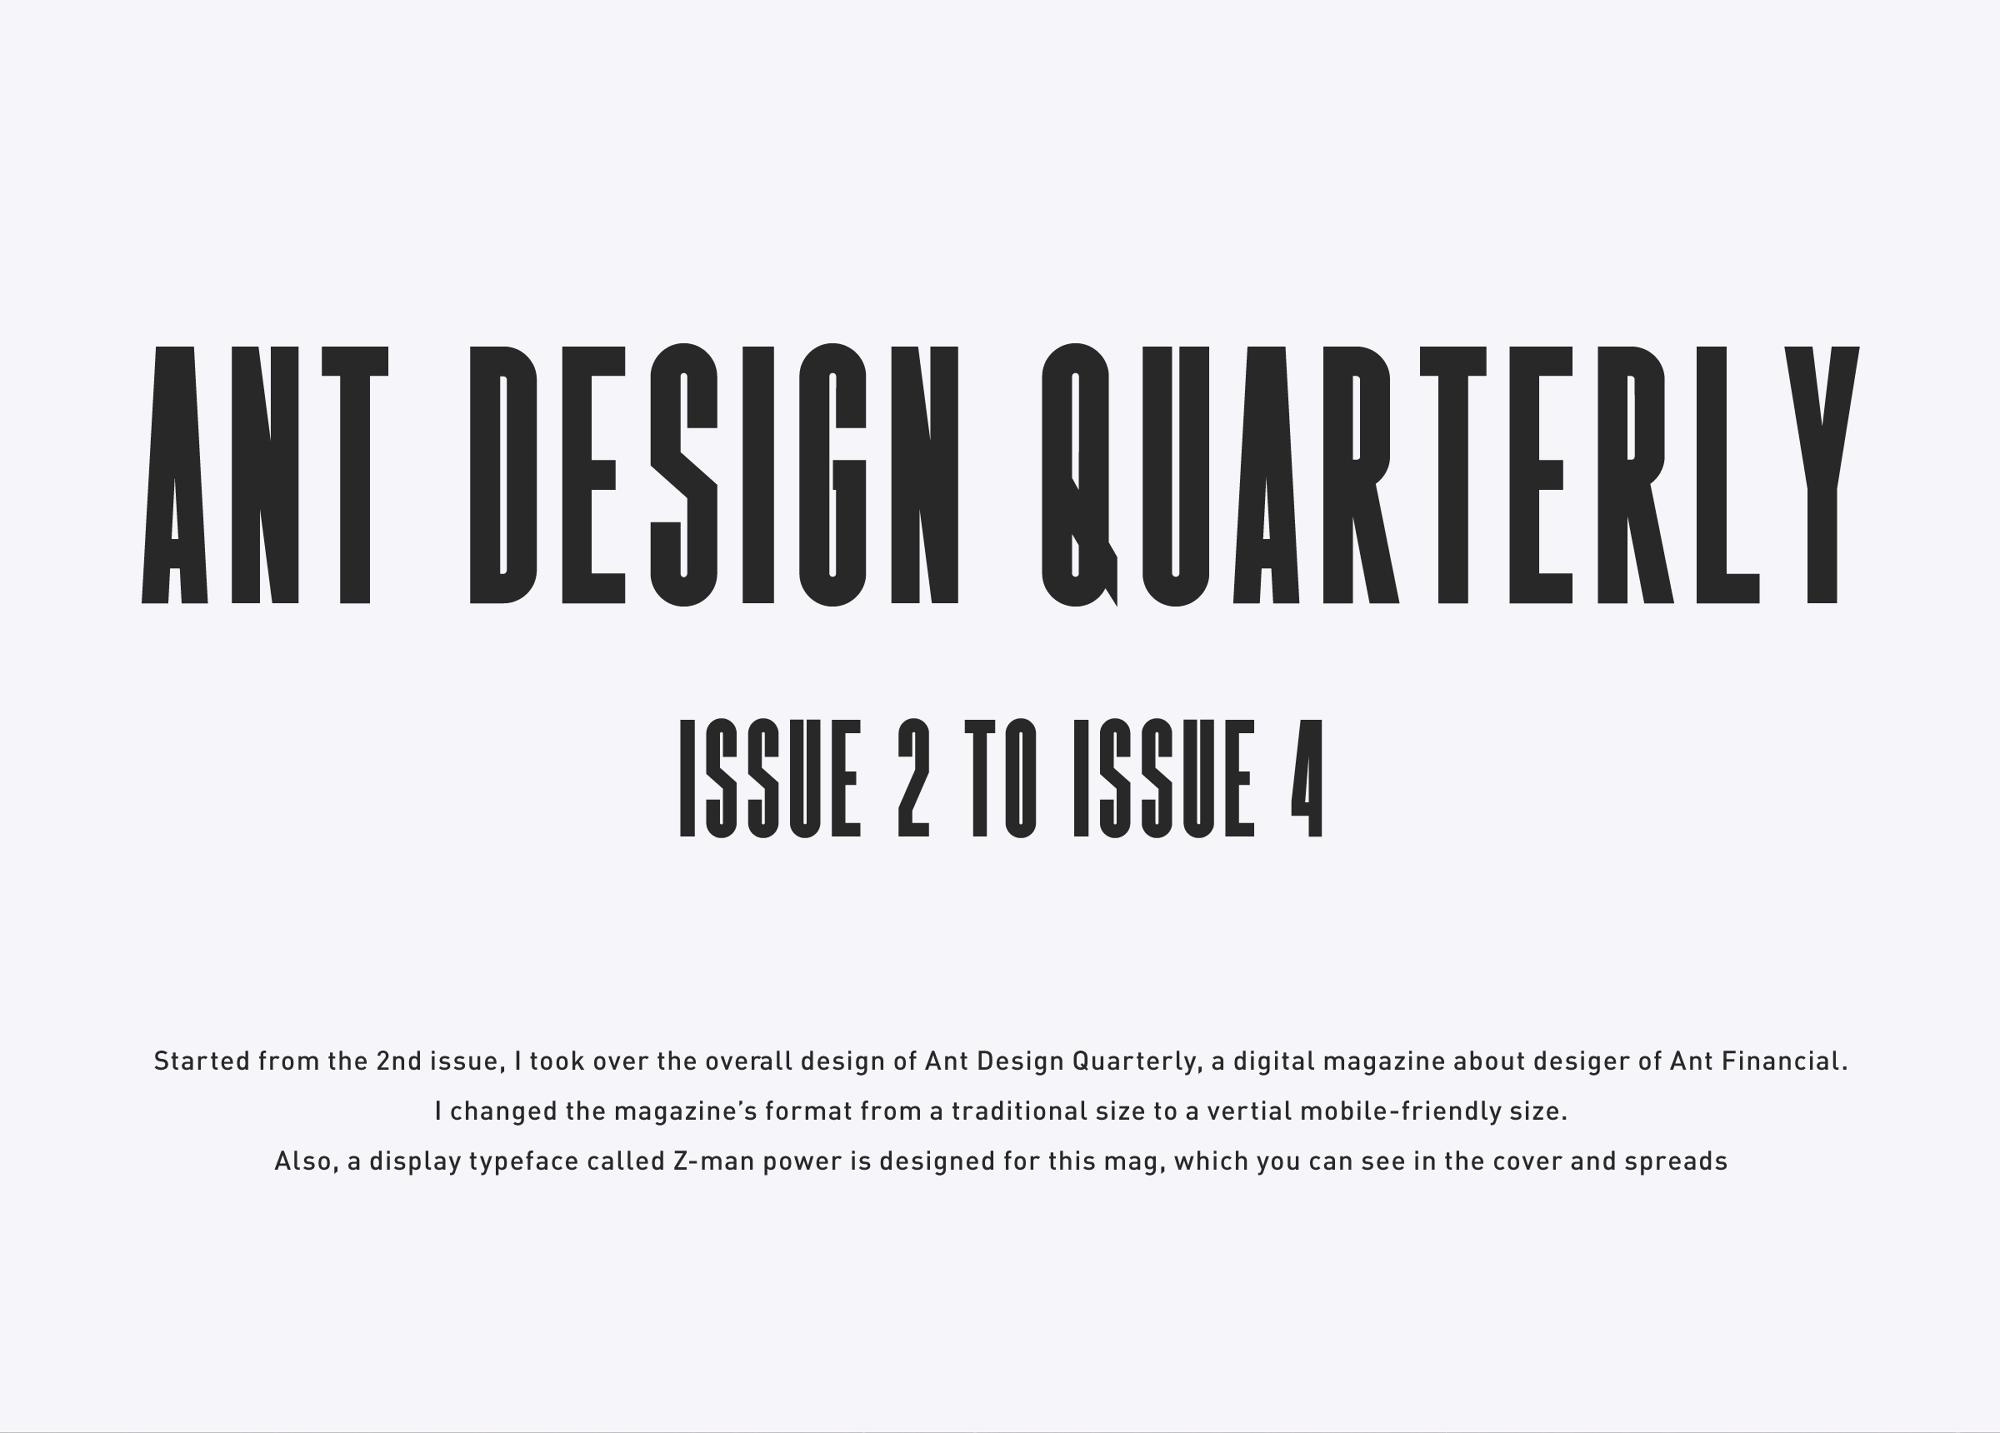 Ant Design Quarterly - zhengshan design